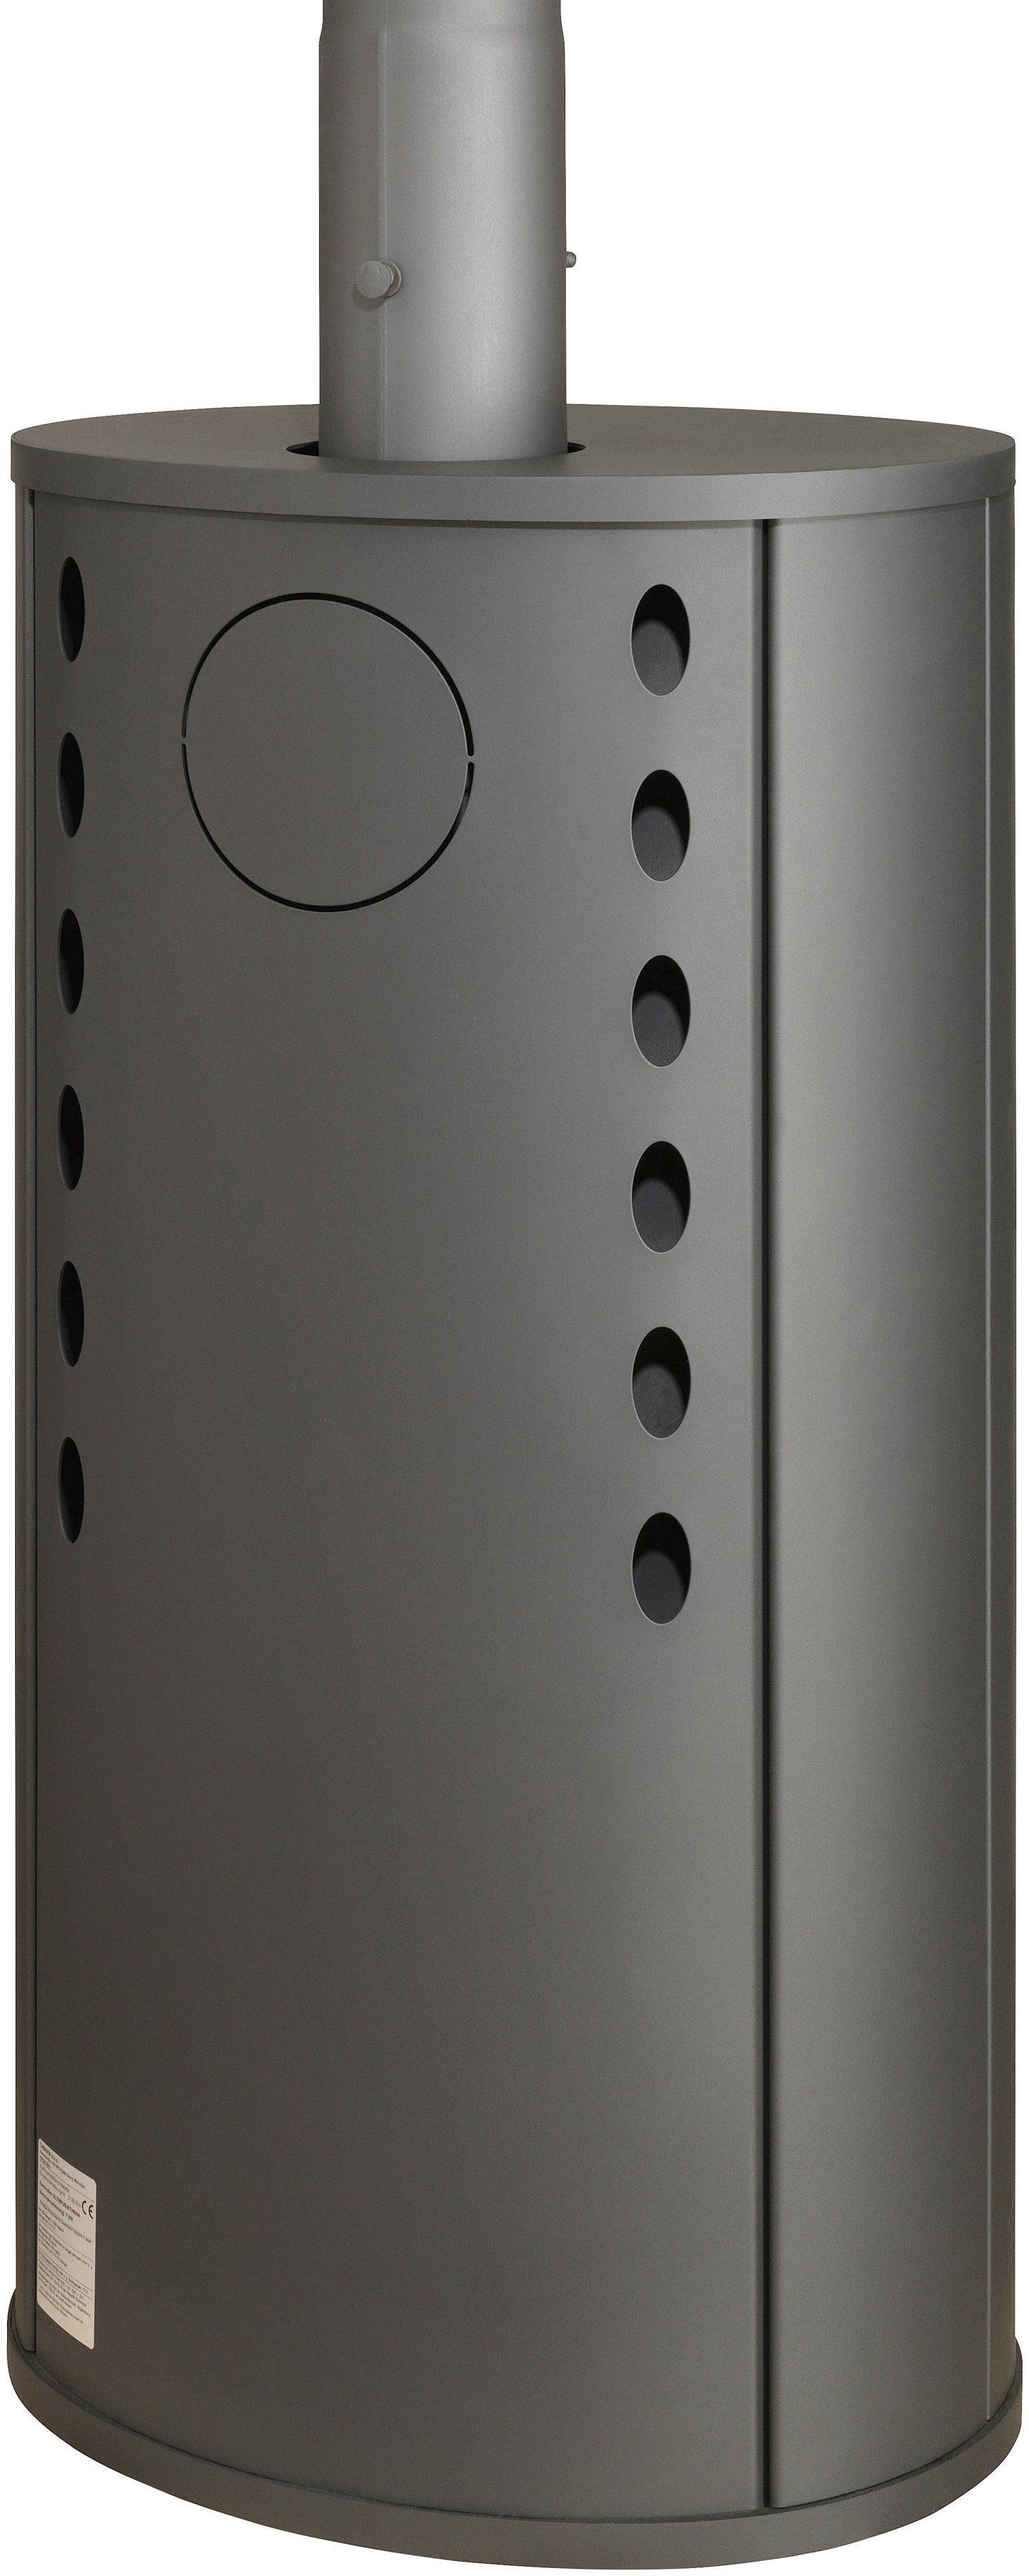 THERMIA Kaminofen »Olympus«, Stahl, 7 kW, ovale Form, abgerundete Sichtscheibe